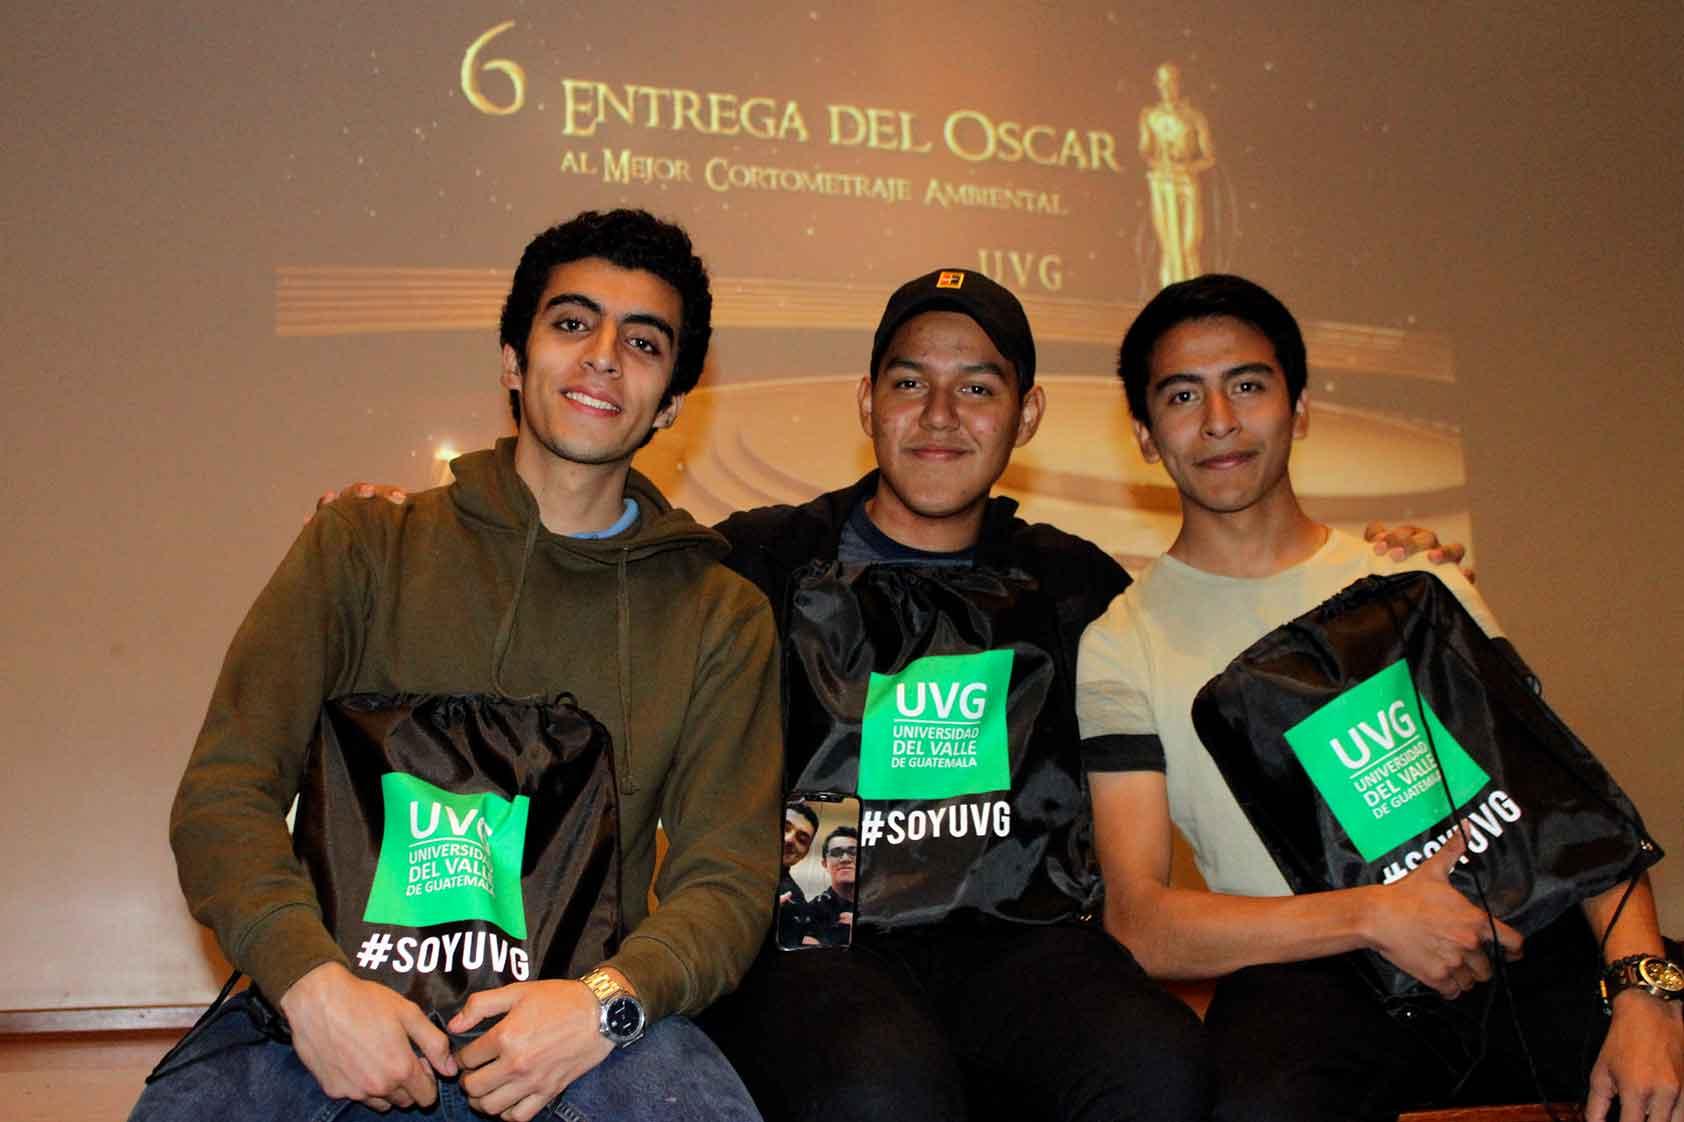 Premios Oscar y memes, en UVG también nos divertimos